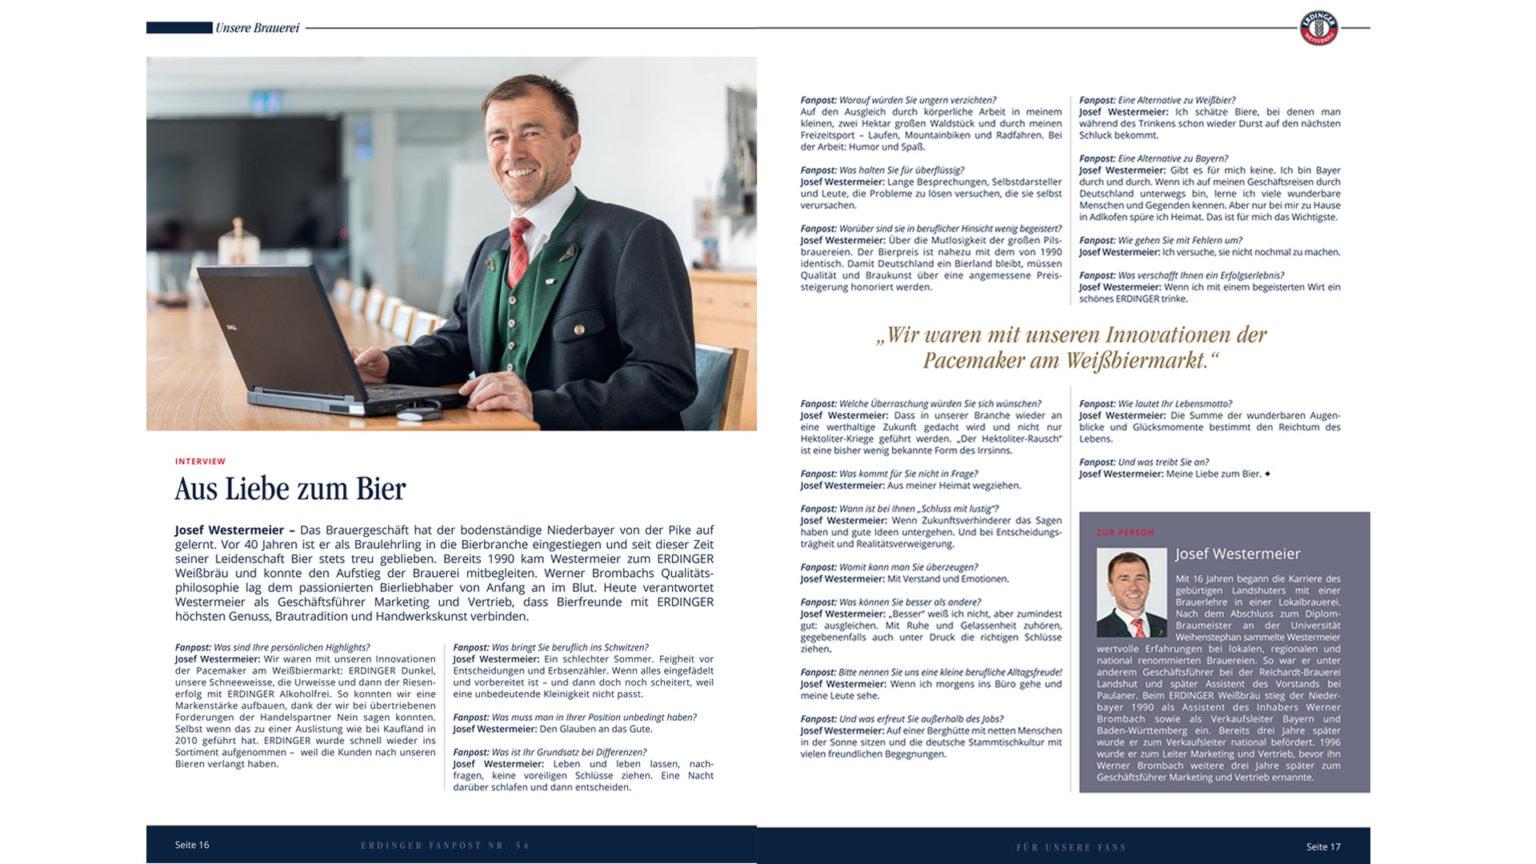 kiecom_ERDINGER Fanpost_Interview Josef Westermeier